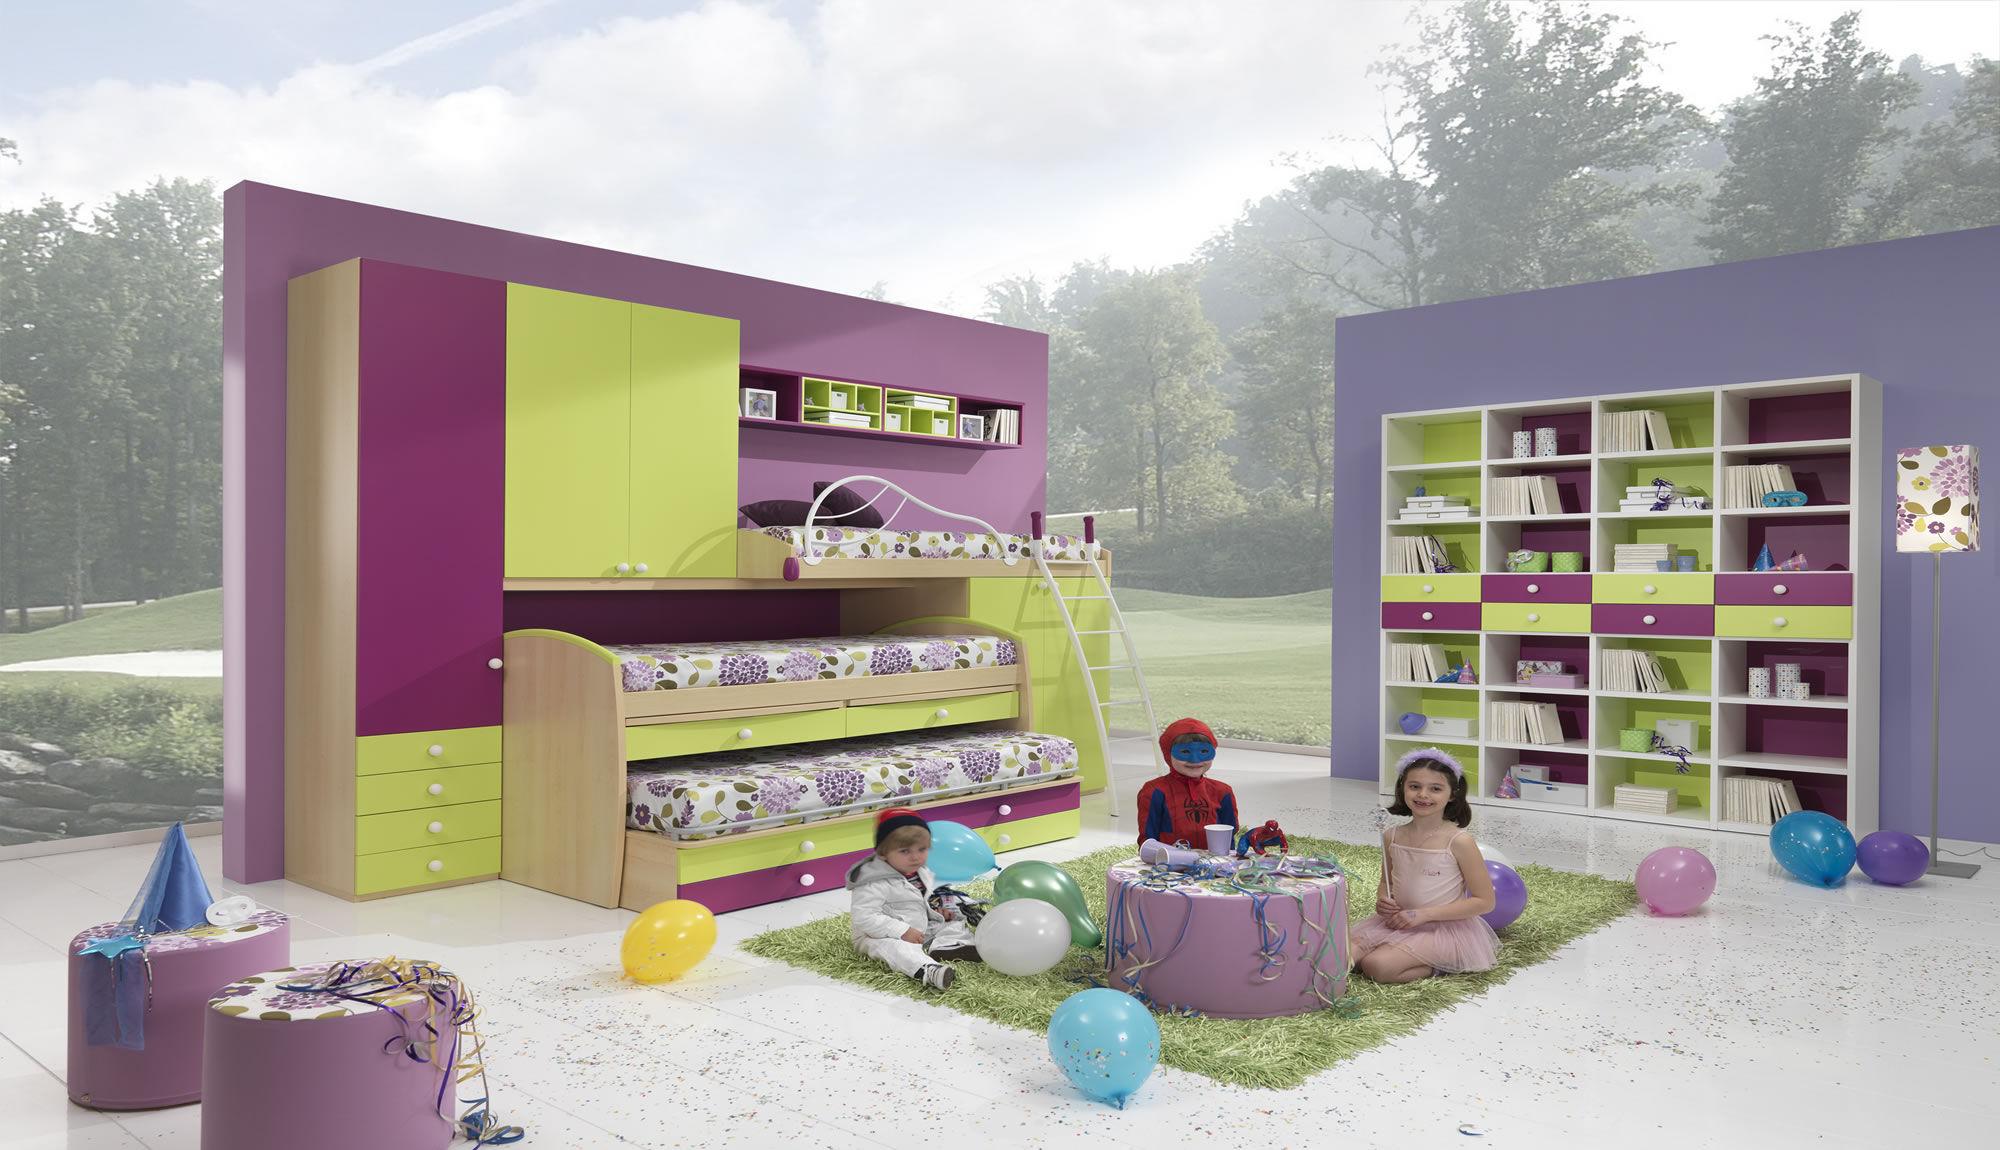 les plus belles chambres d'enfants ! - bricolage maison